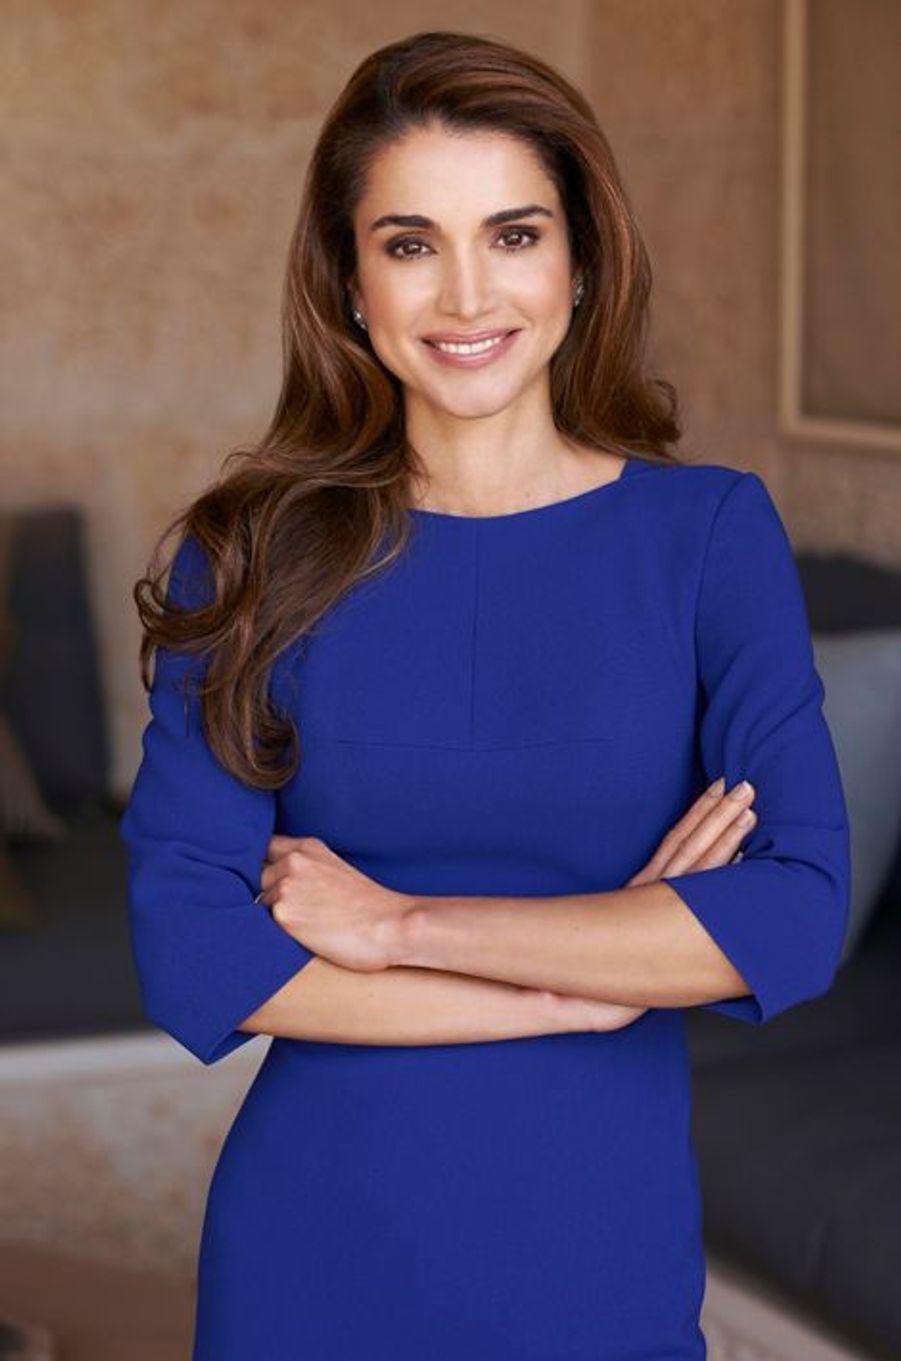 Ce lundi 31 août, la reine Rania fêtait ses 45 ans. L'occasion d'un portrait de l'épouse du roi Abdallah II de Jordanie en 50 photos et 10 anecdotes.Chaque dimanche, le Royal Blog de Paris Match vous propose de voir ou revoir les plus belles photographies de la semaine royale.